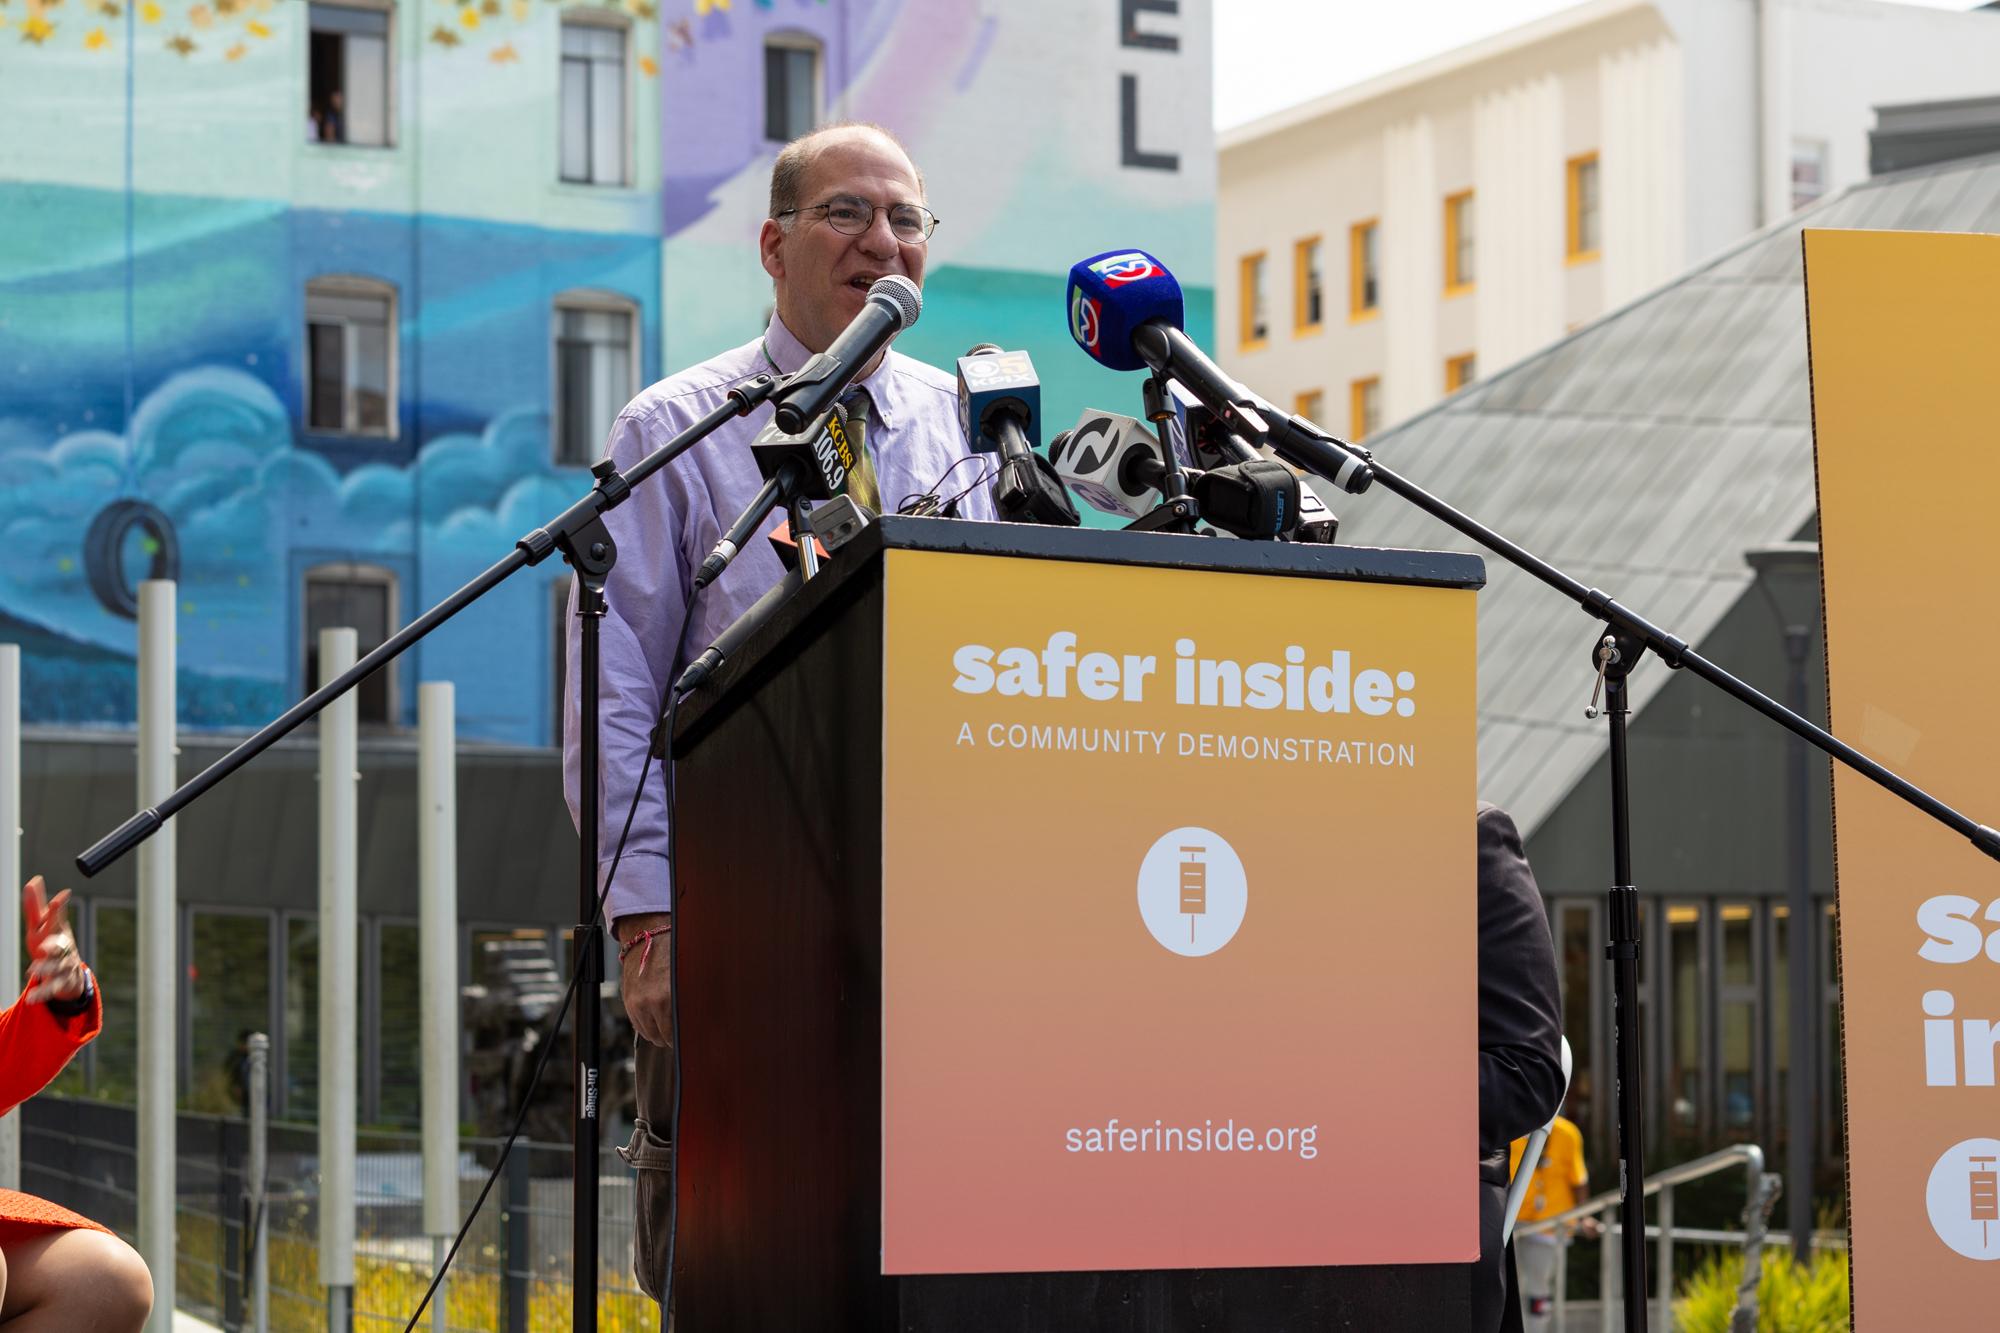 safer-inside-community-demonstration_43744418374_o.jpg